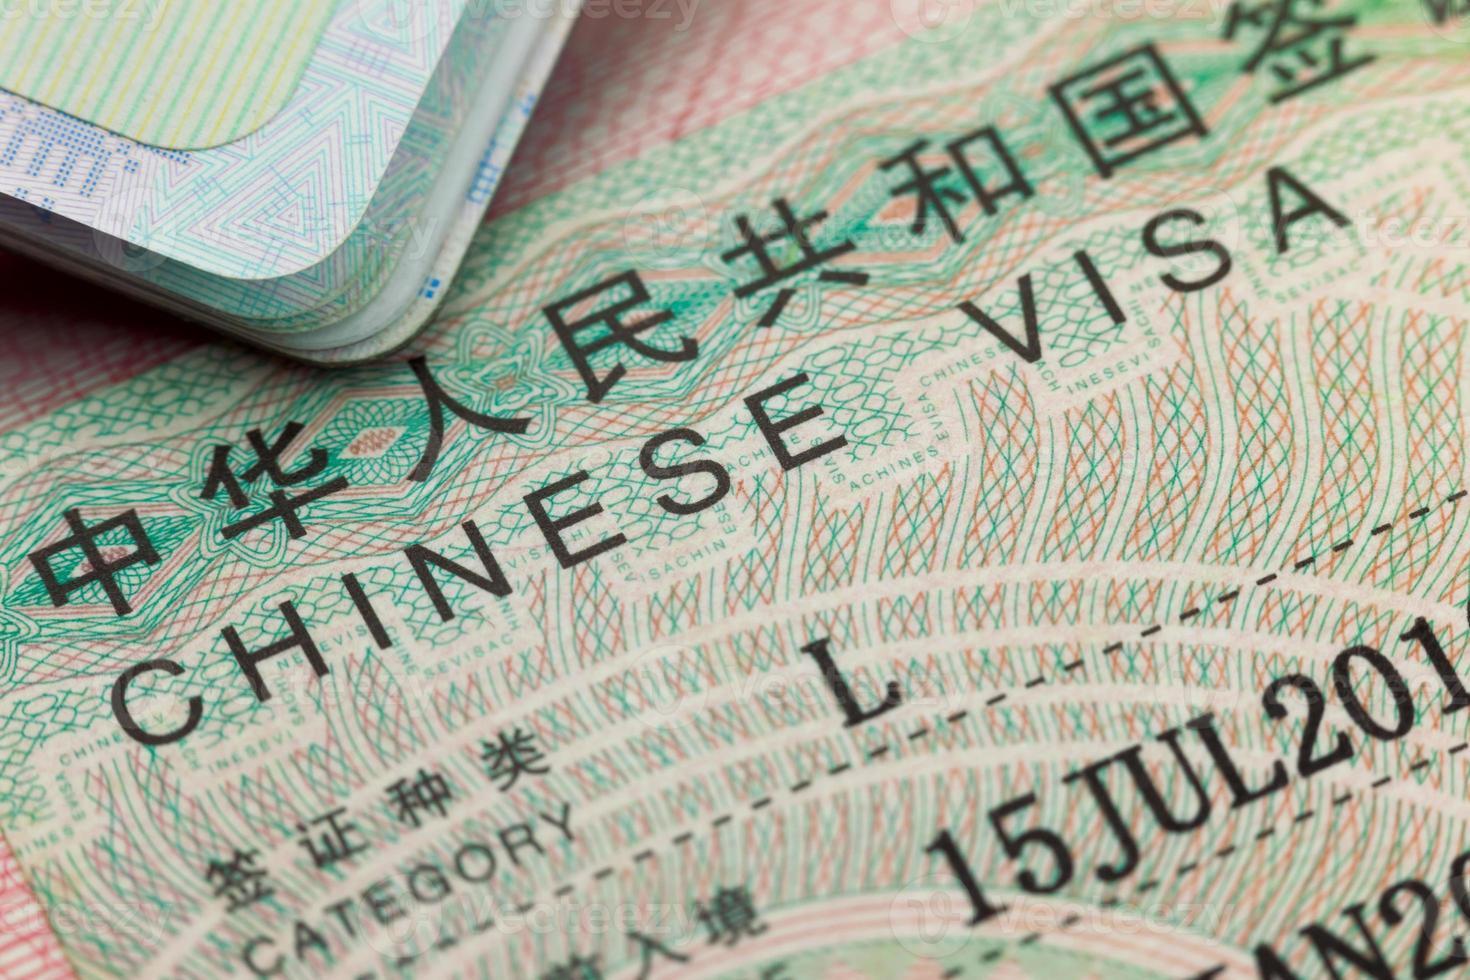 Chinees visum in een paspoort - geniet van reizen foto